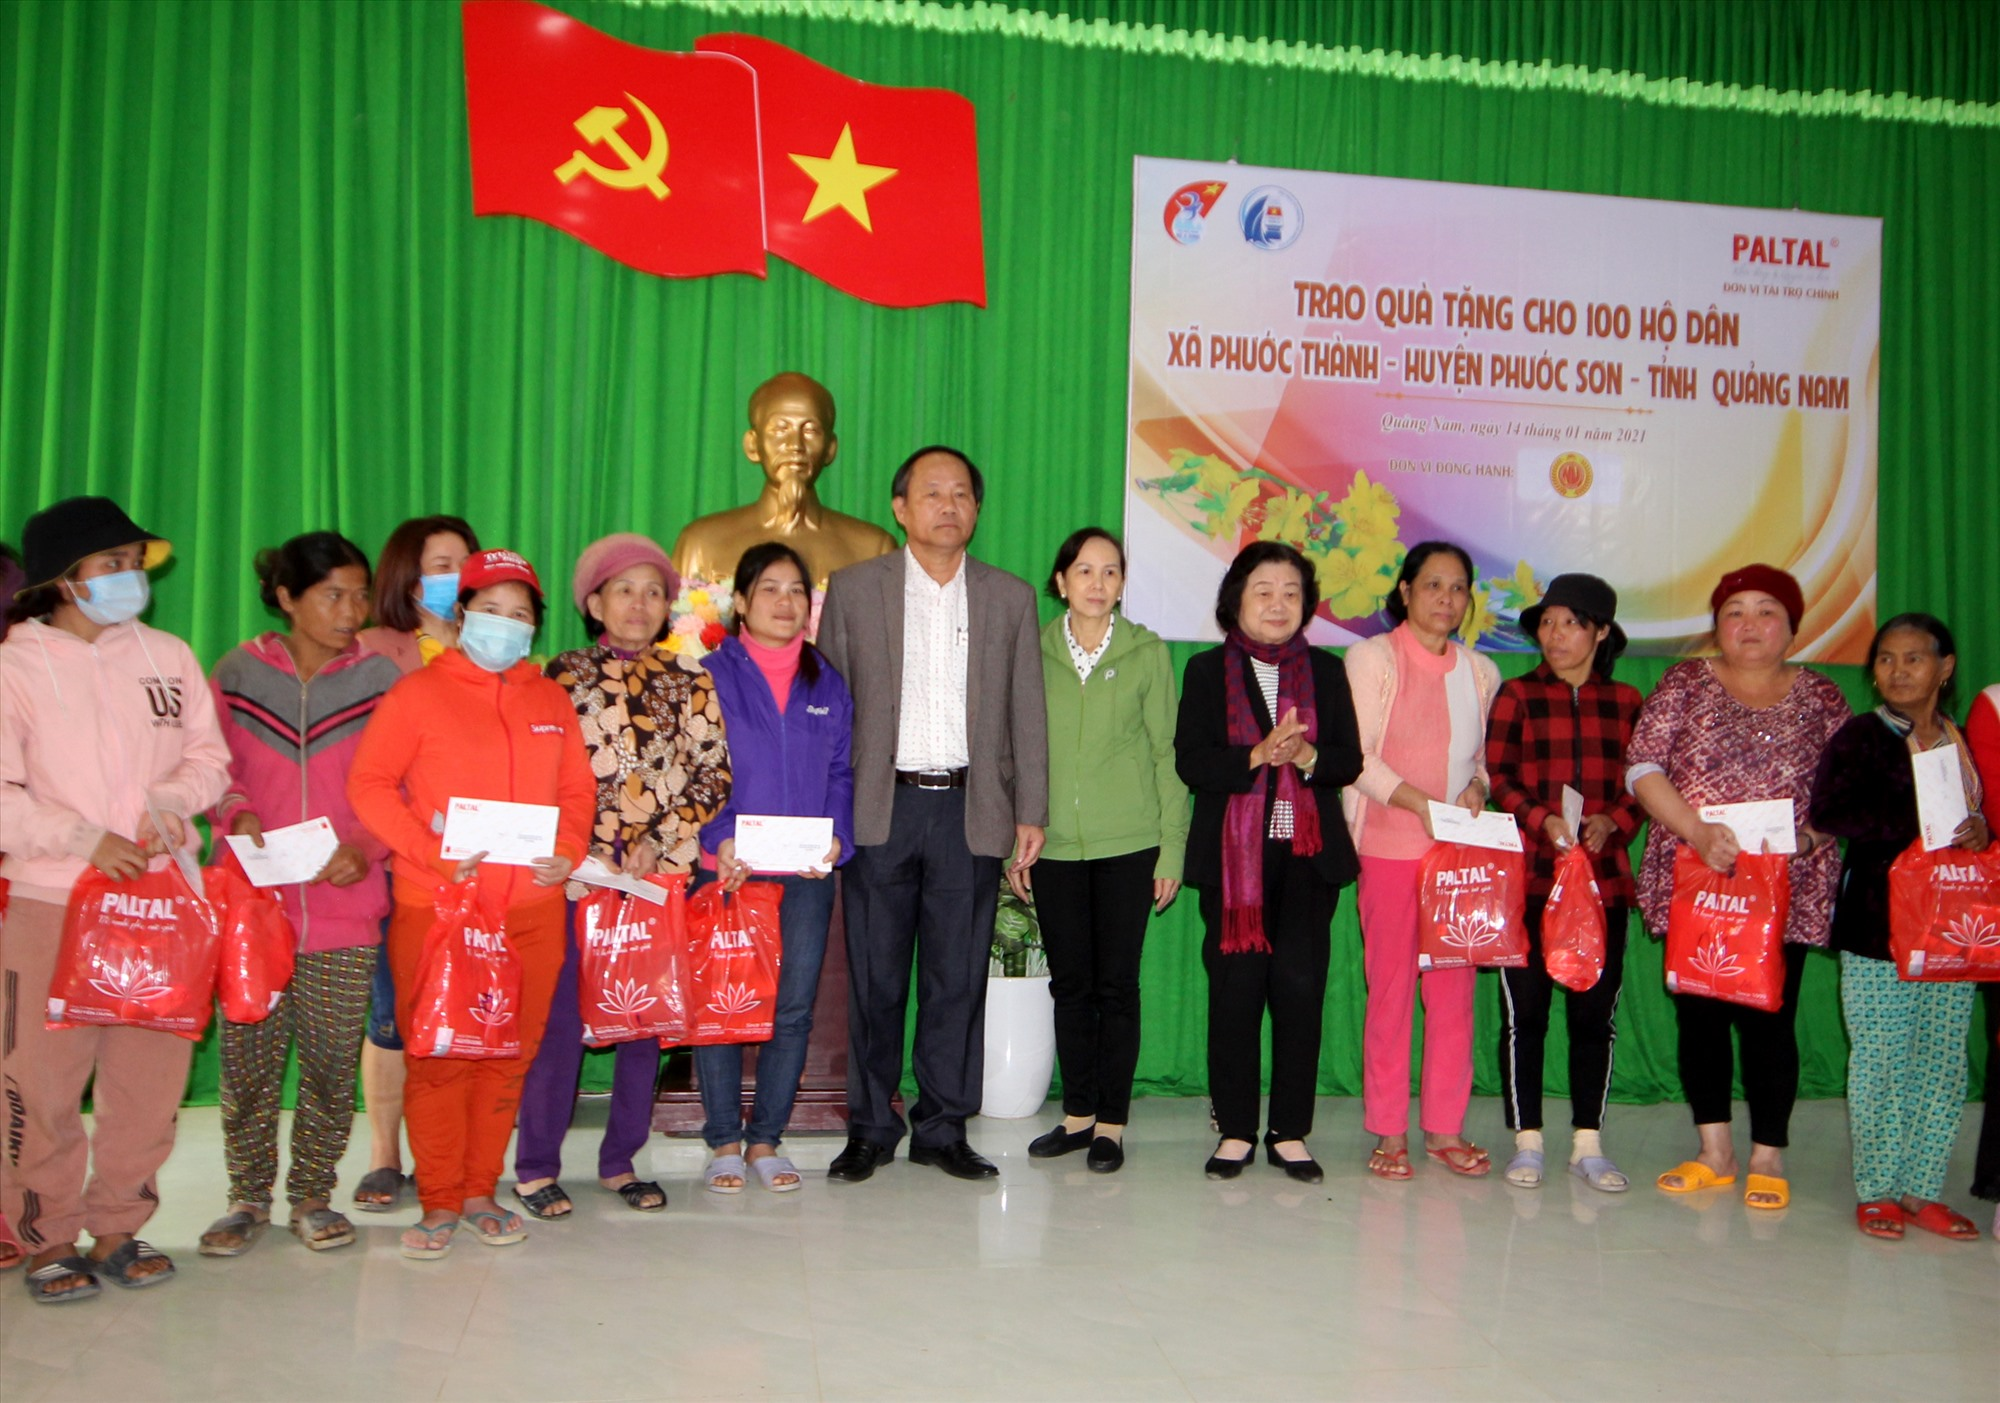 Trong chuyến đi này, đoàn công tác sẽ trao 100 suất quà cho đồng bào xã Phước Thành và 100 suất cho đồng bào xã Phước Lộc bị thiệt hại do thiên tai. Ảnh: T.C